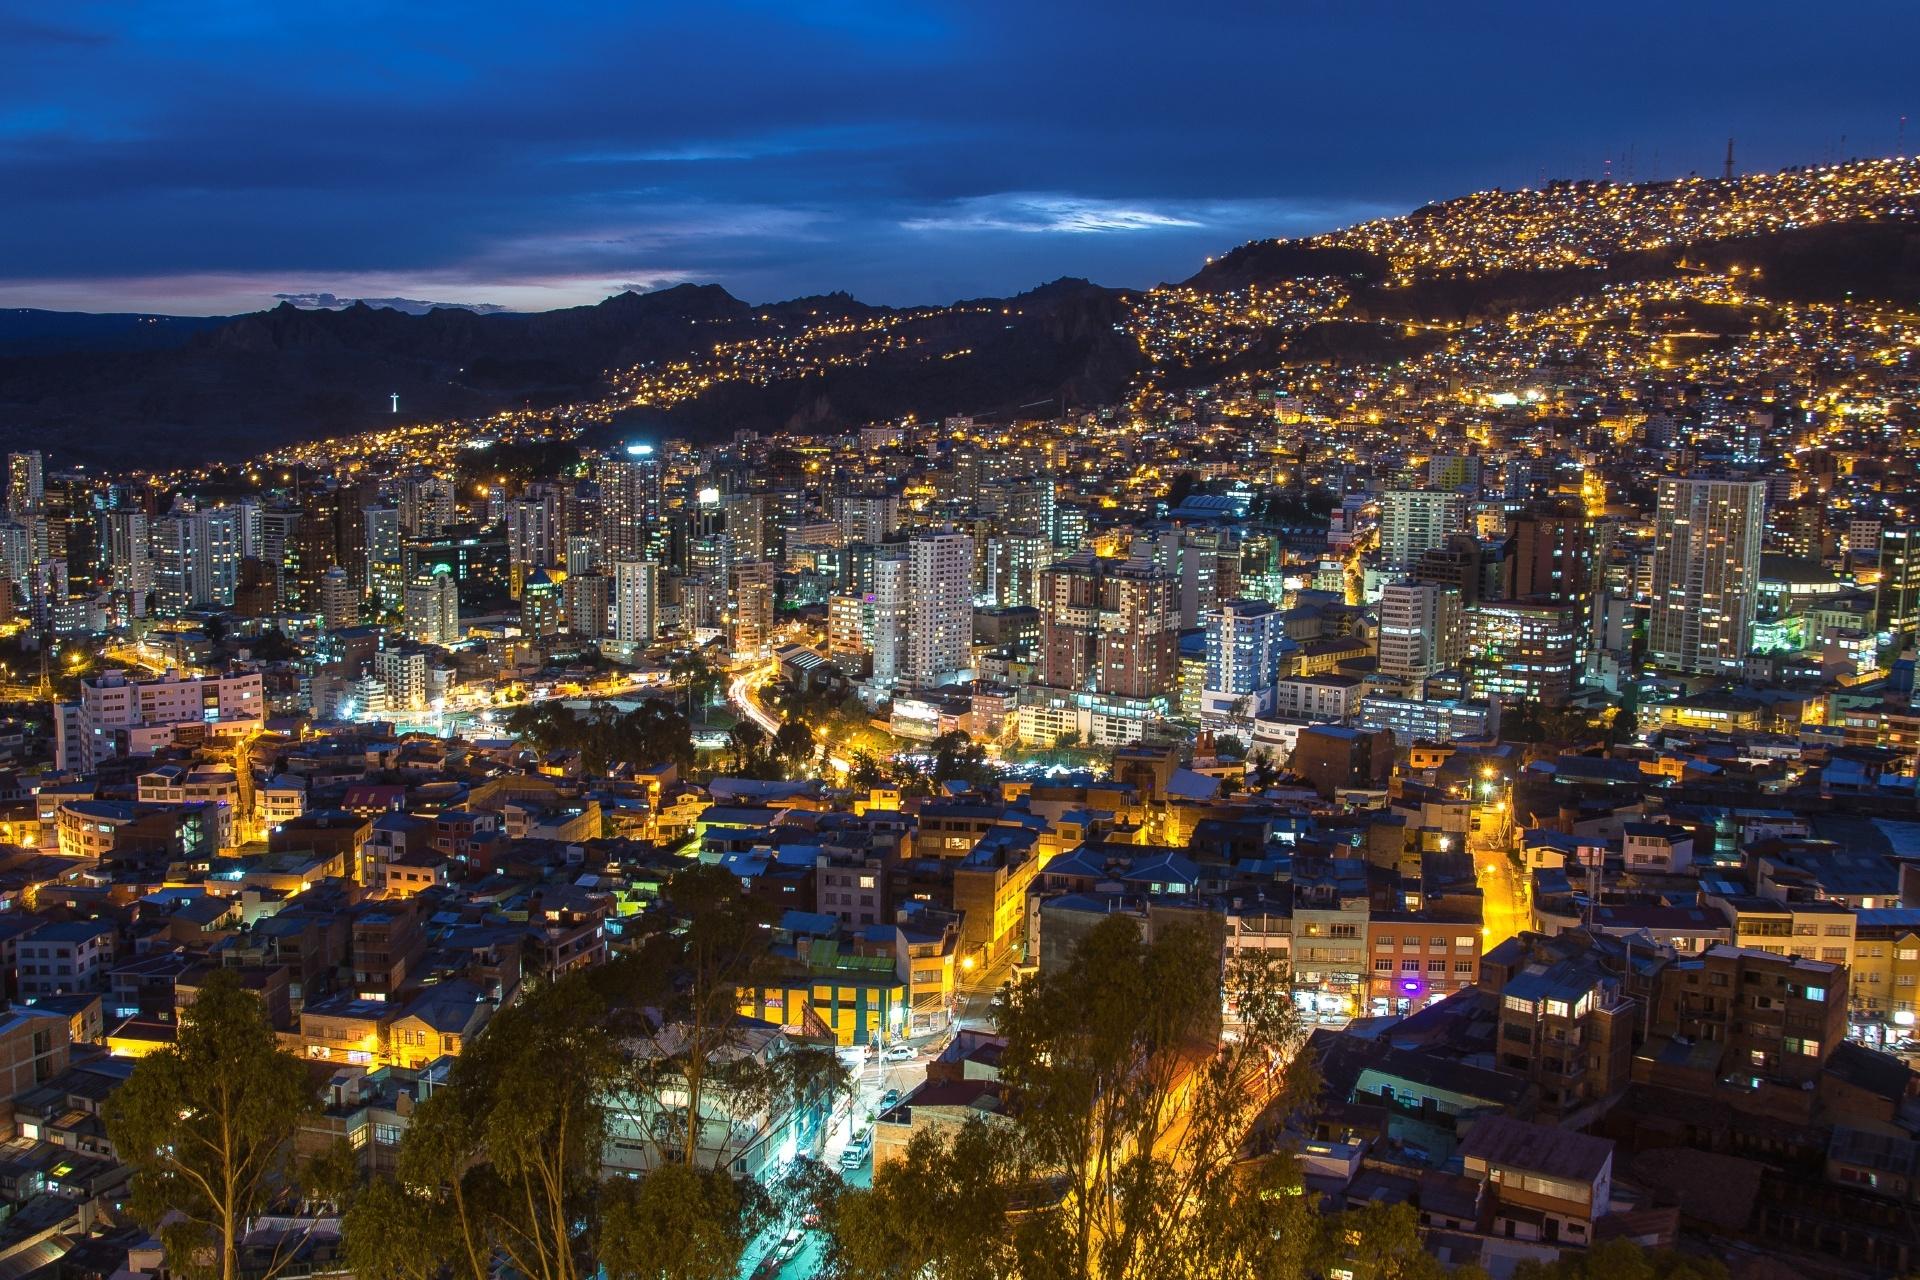 ラパスの夜景 ボリビアの風景